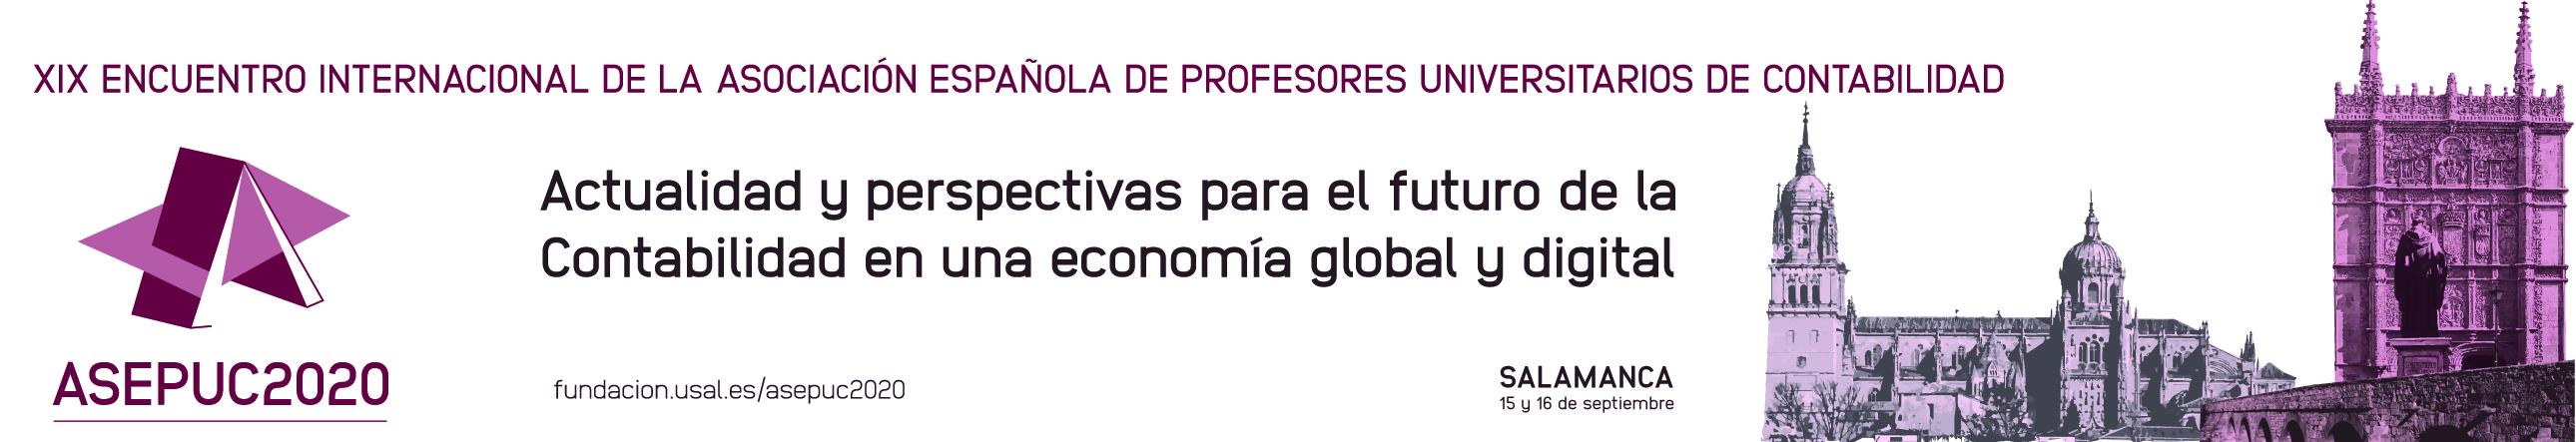 imagen del congreso, fachada de la universidad, puente romano, catedral. Actualidad y perspectivas para el futuro de la Contabilidad en una economía global y digital